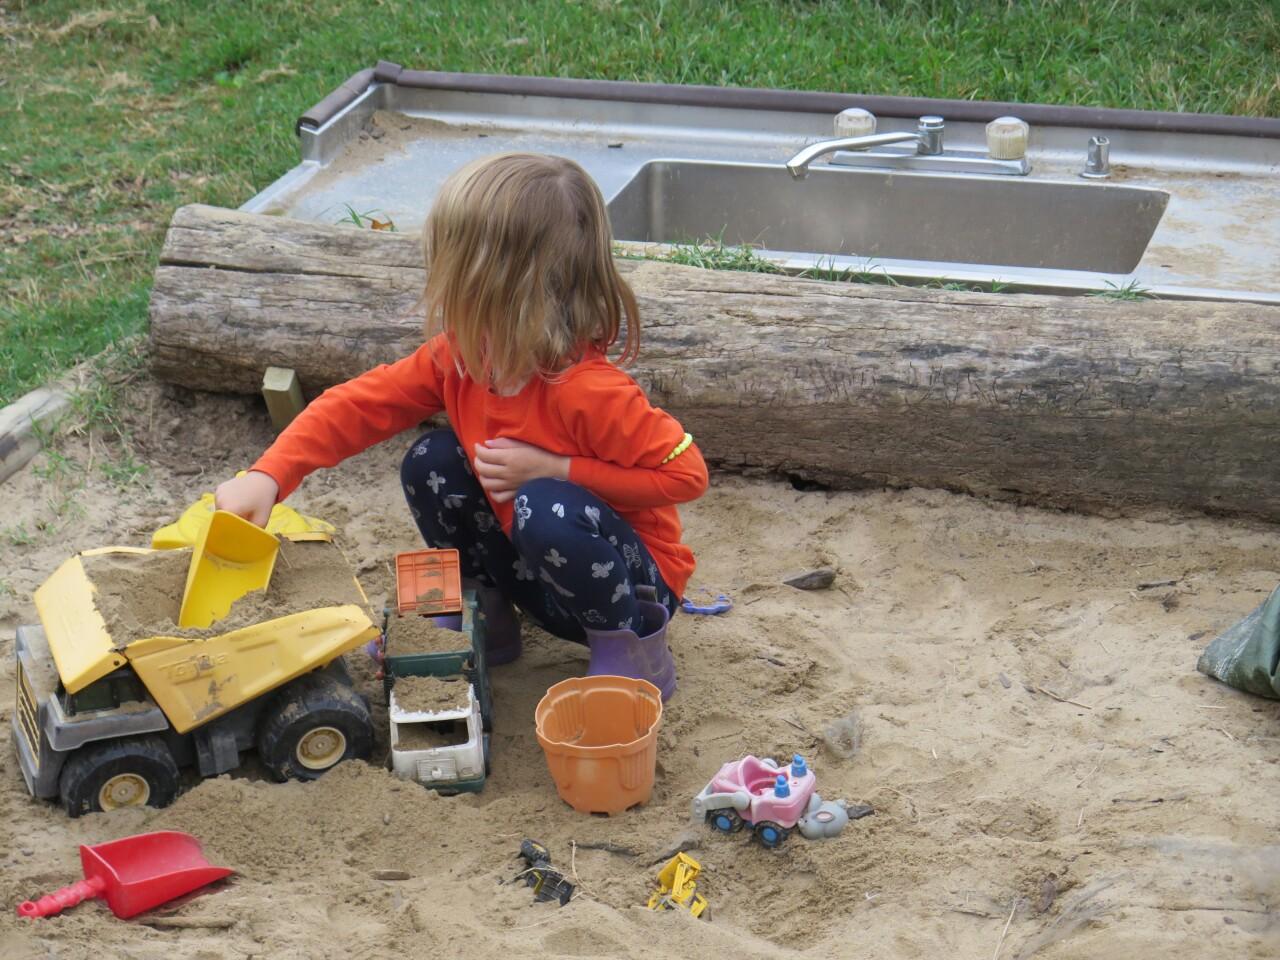 A preschool student plays in a sandbox at Shine Nurture Center on Sept. 15, 2021.